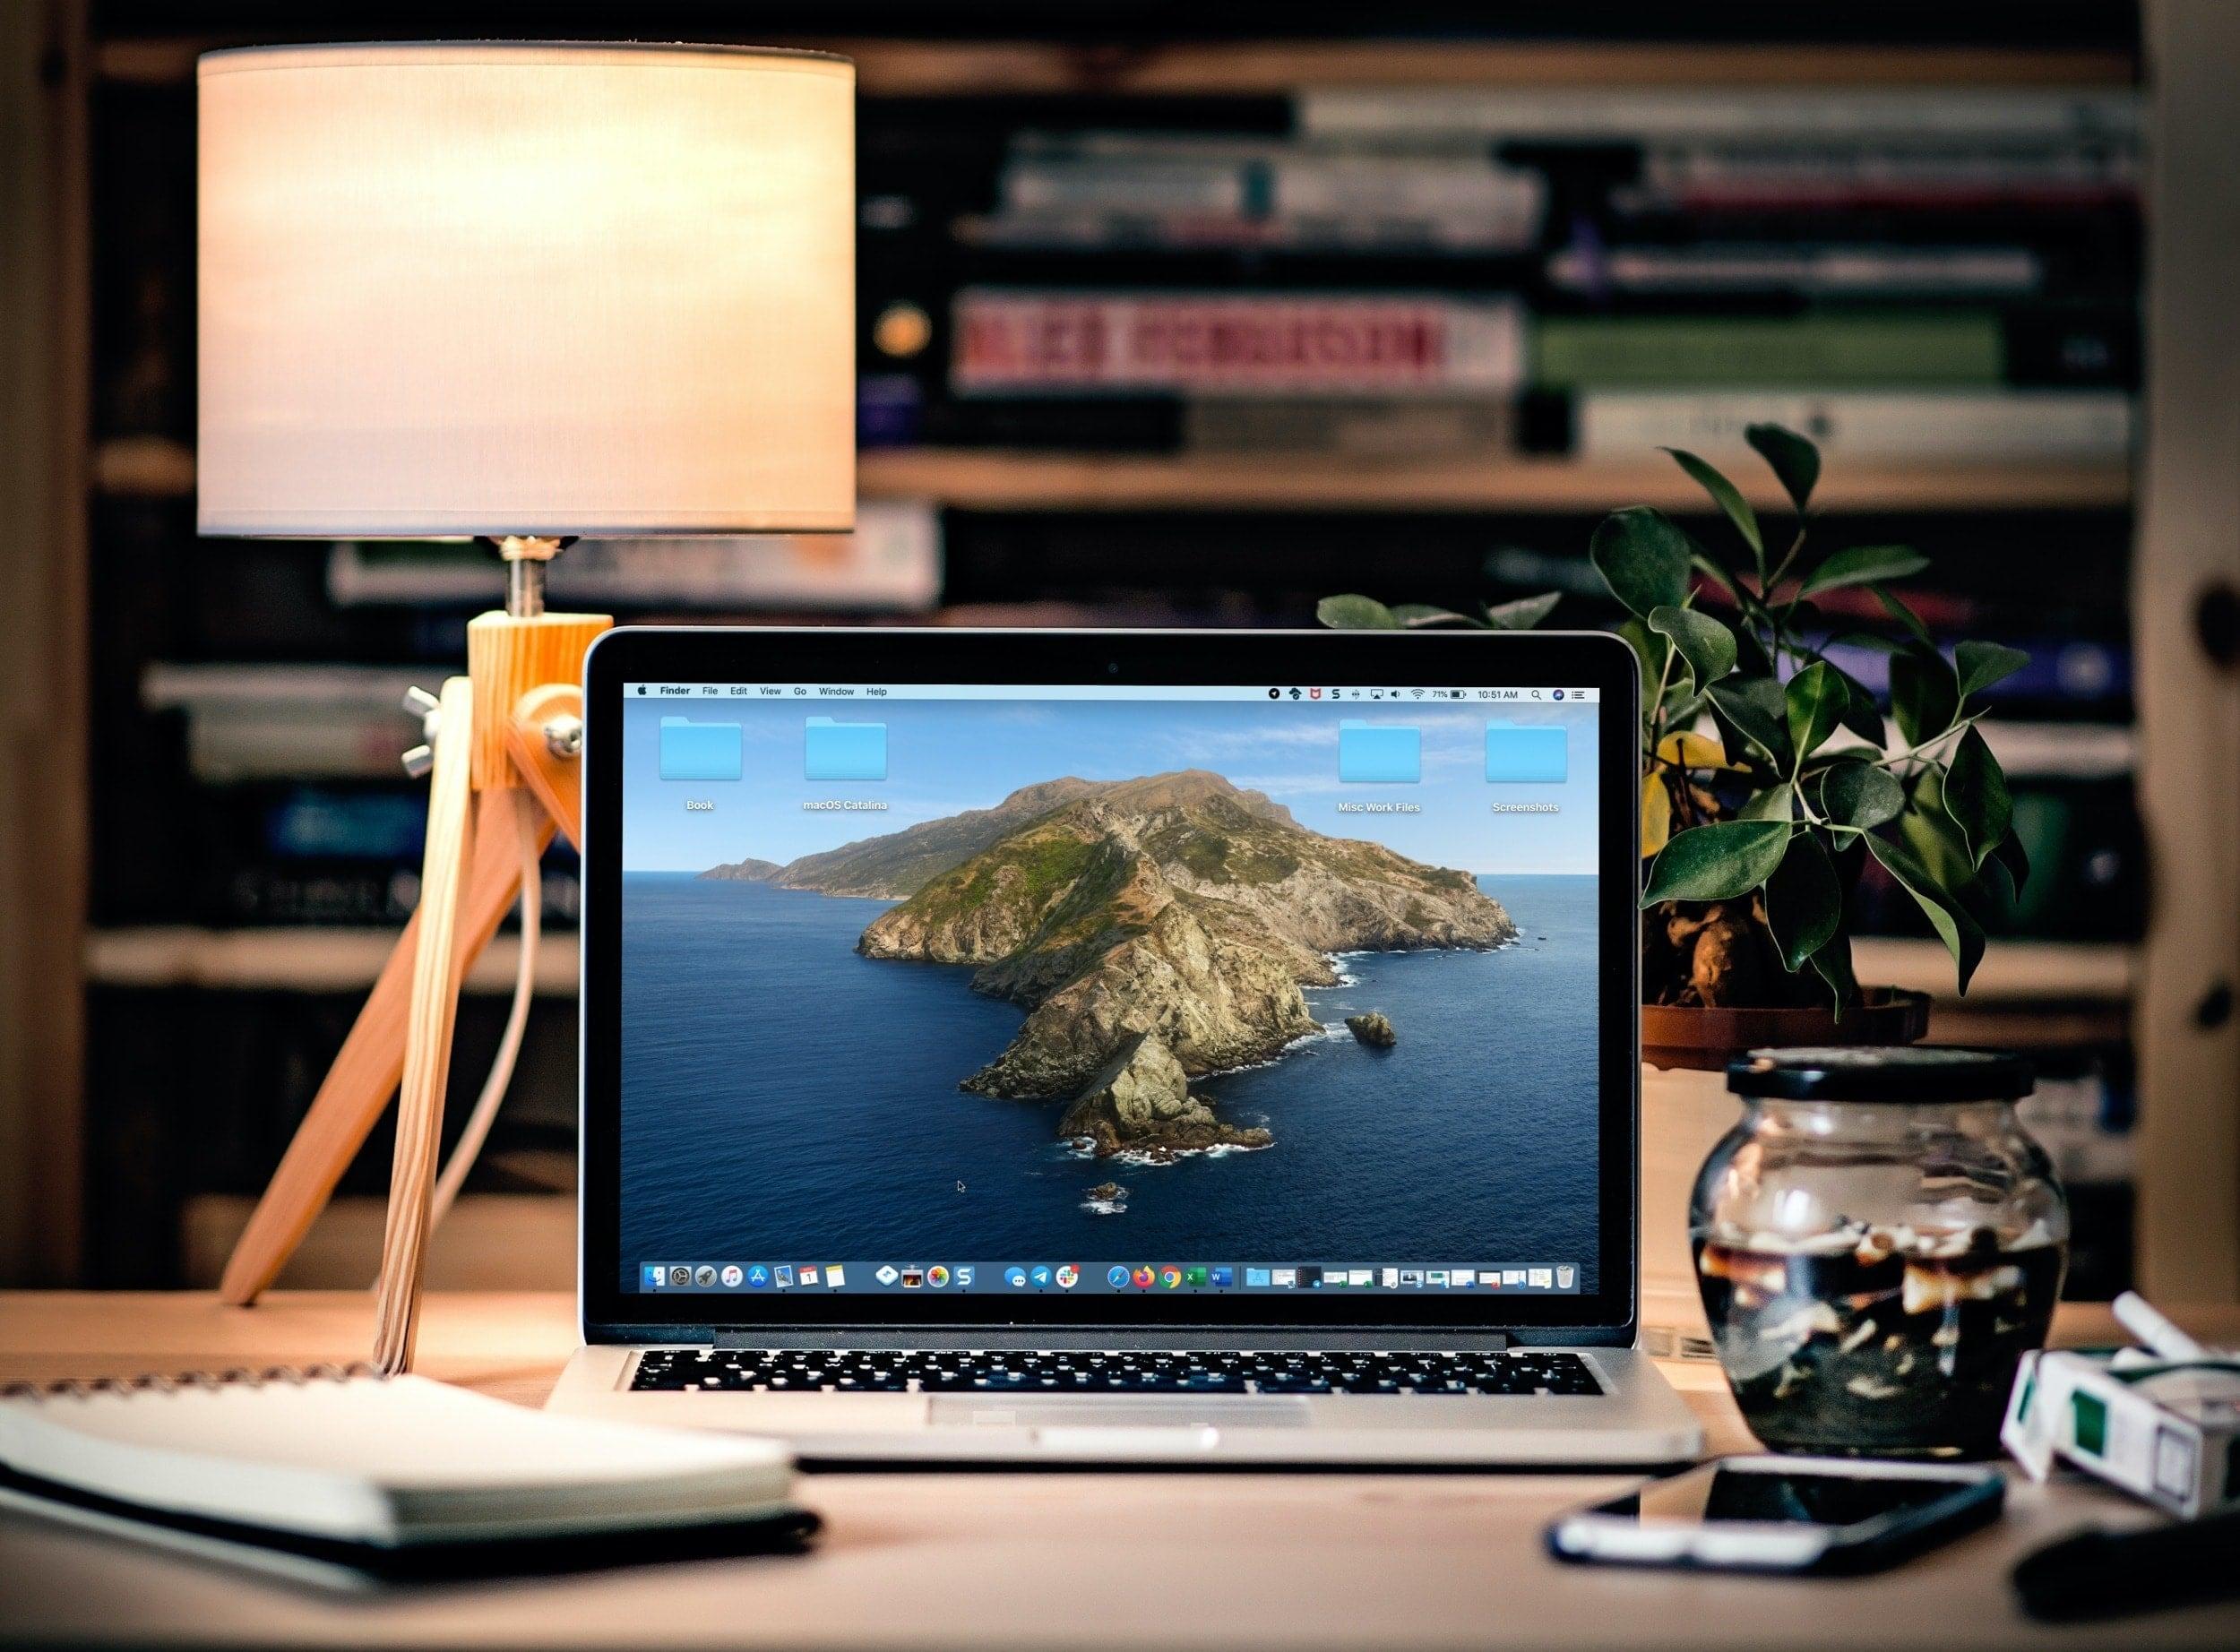 Организация рабочего стола Mac - MacBook